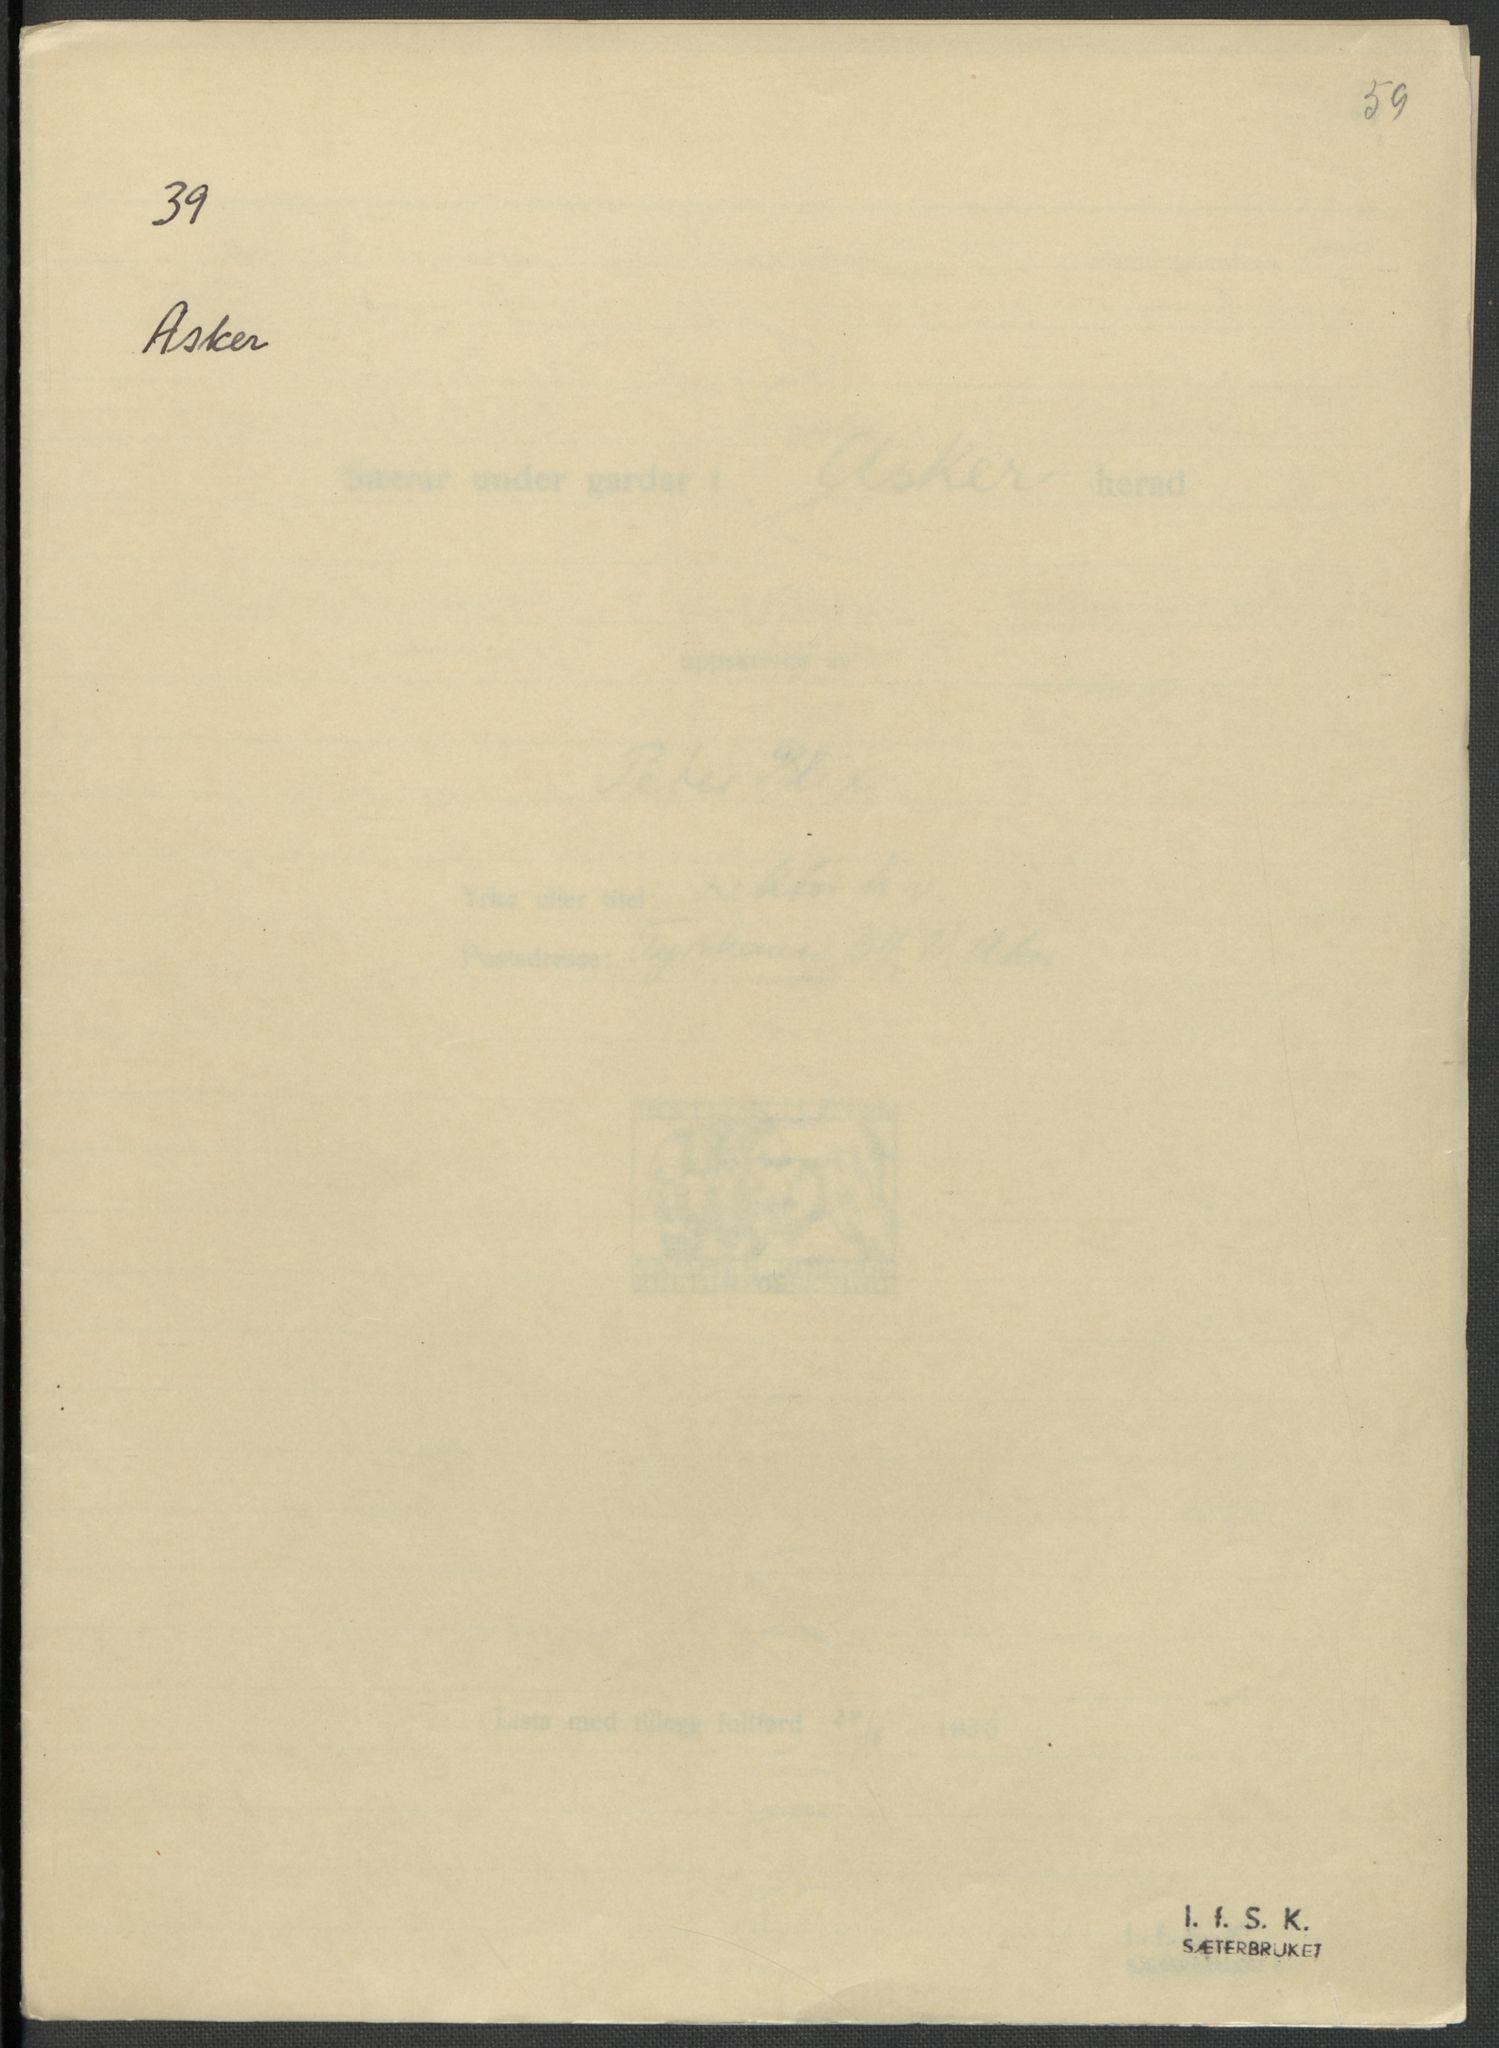 RA, Instituttet for sammenlignende kulturforskning, F/Fc/L0002: Eske B2:, 1932-1936, s. 59